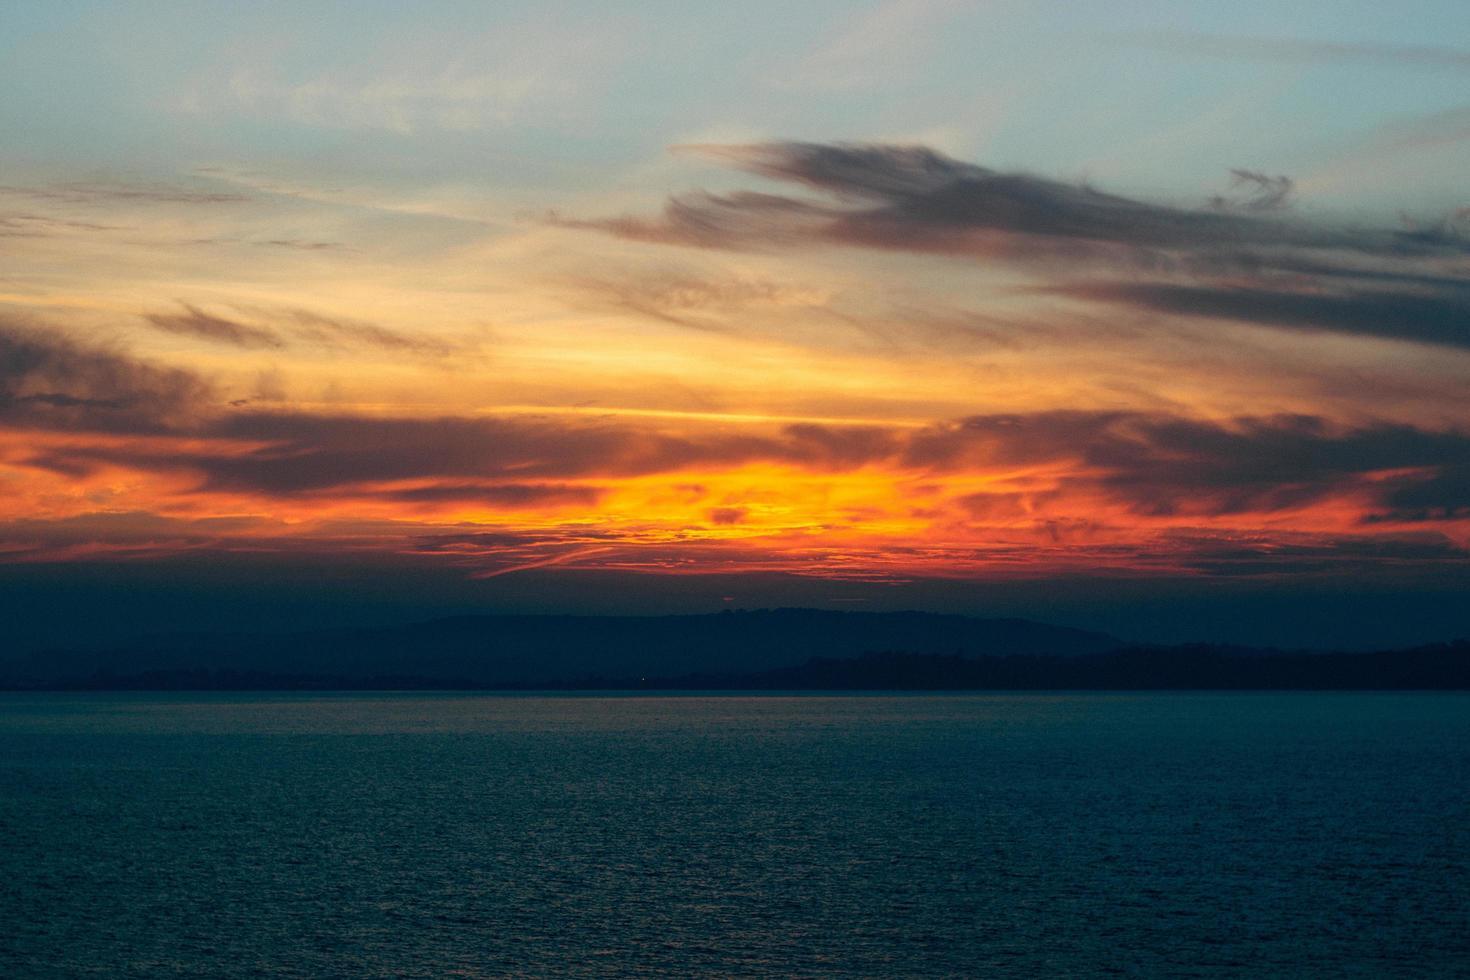 puesta de sol desde la playa foto